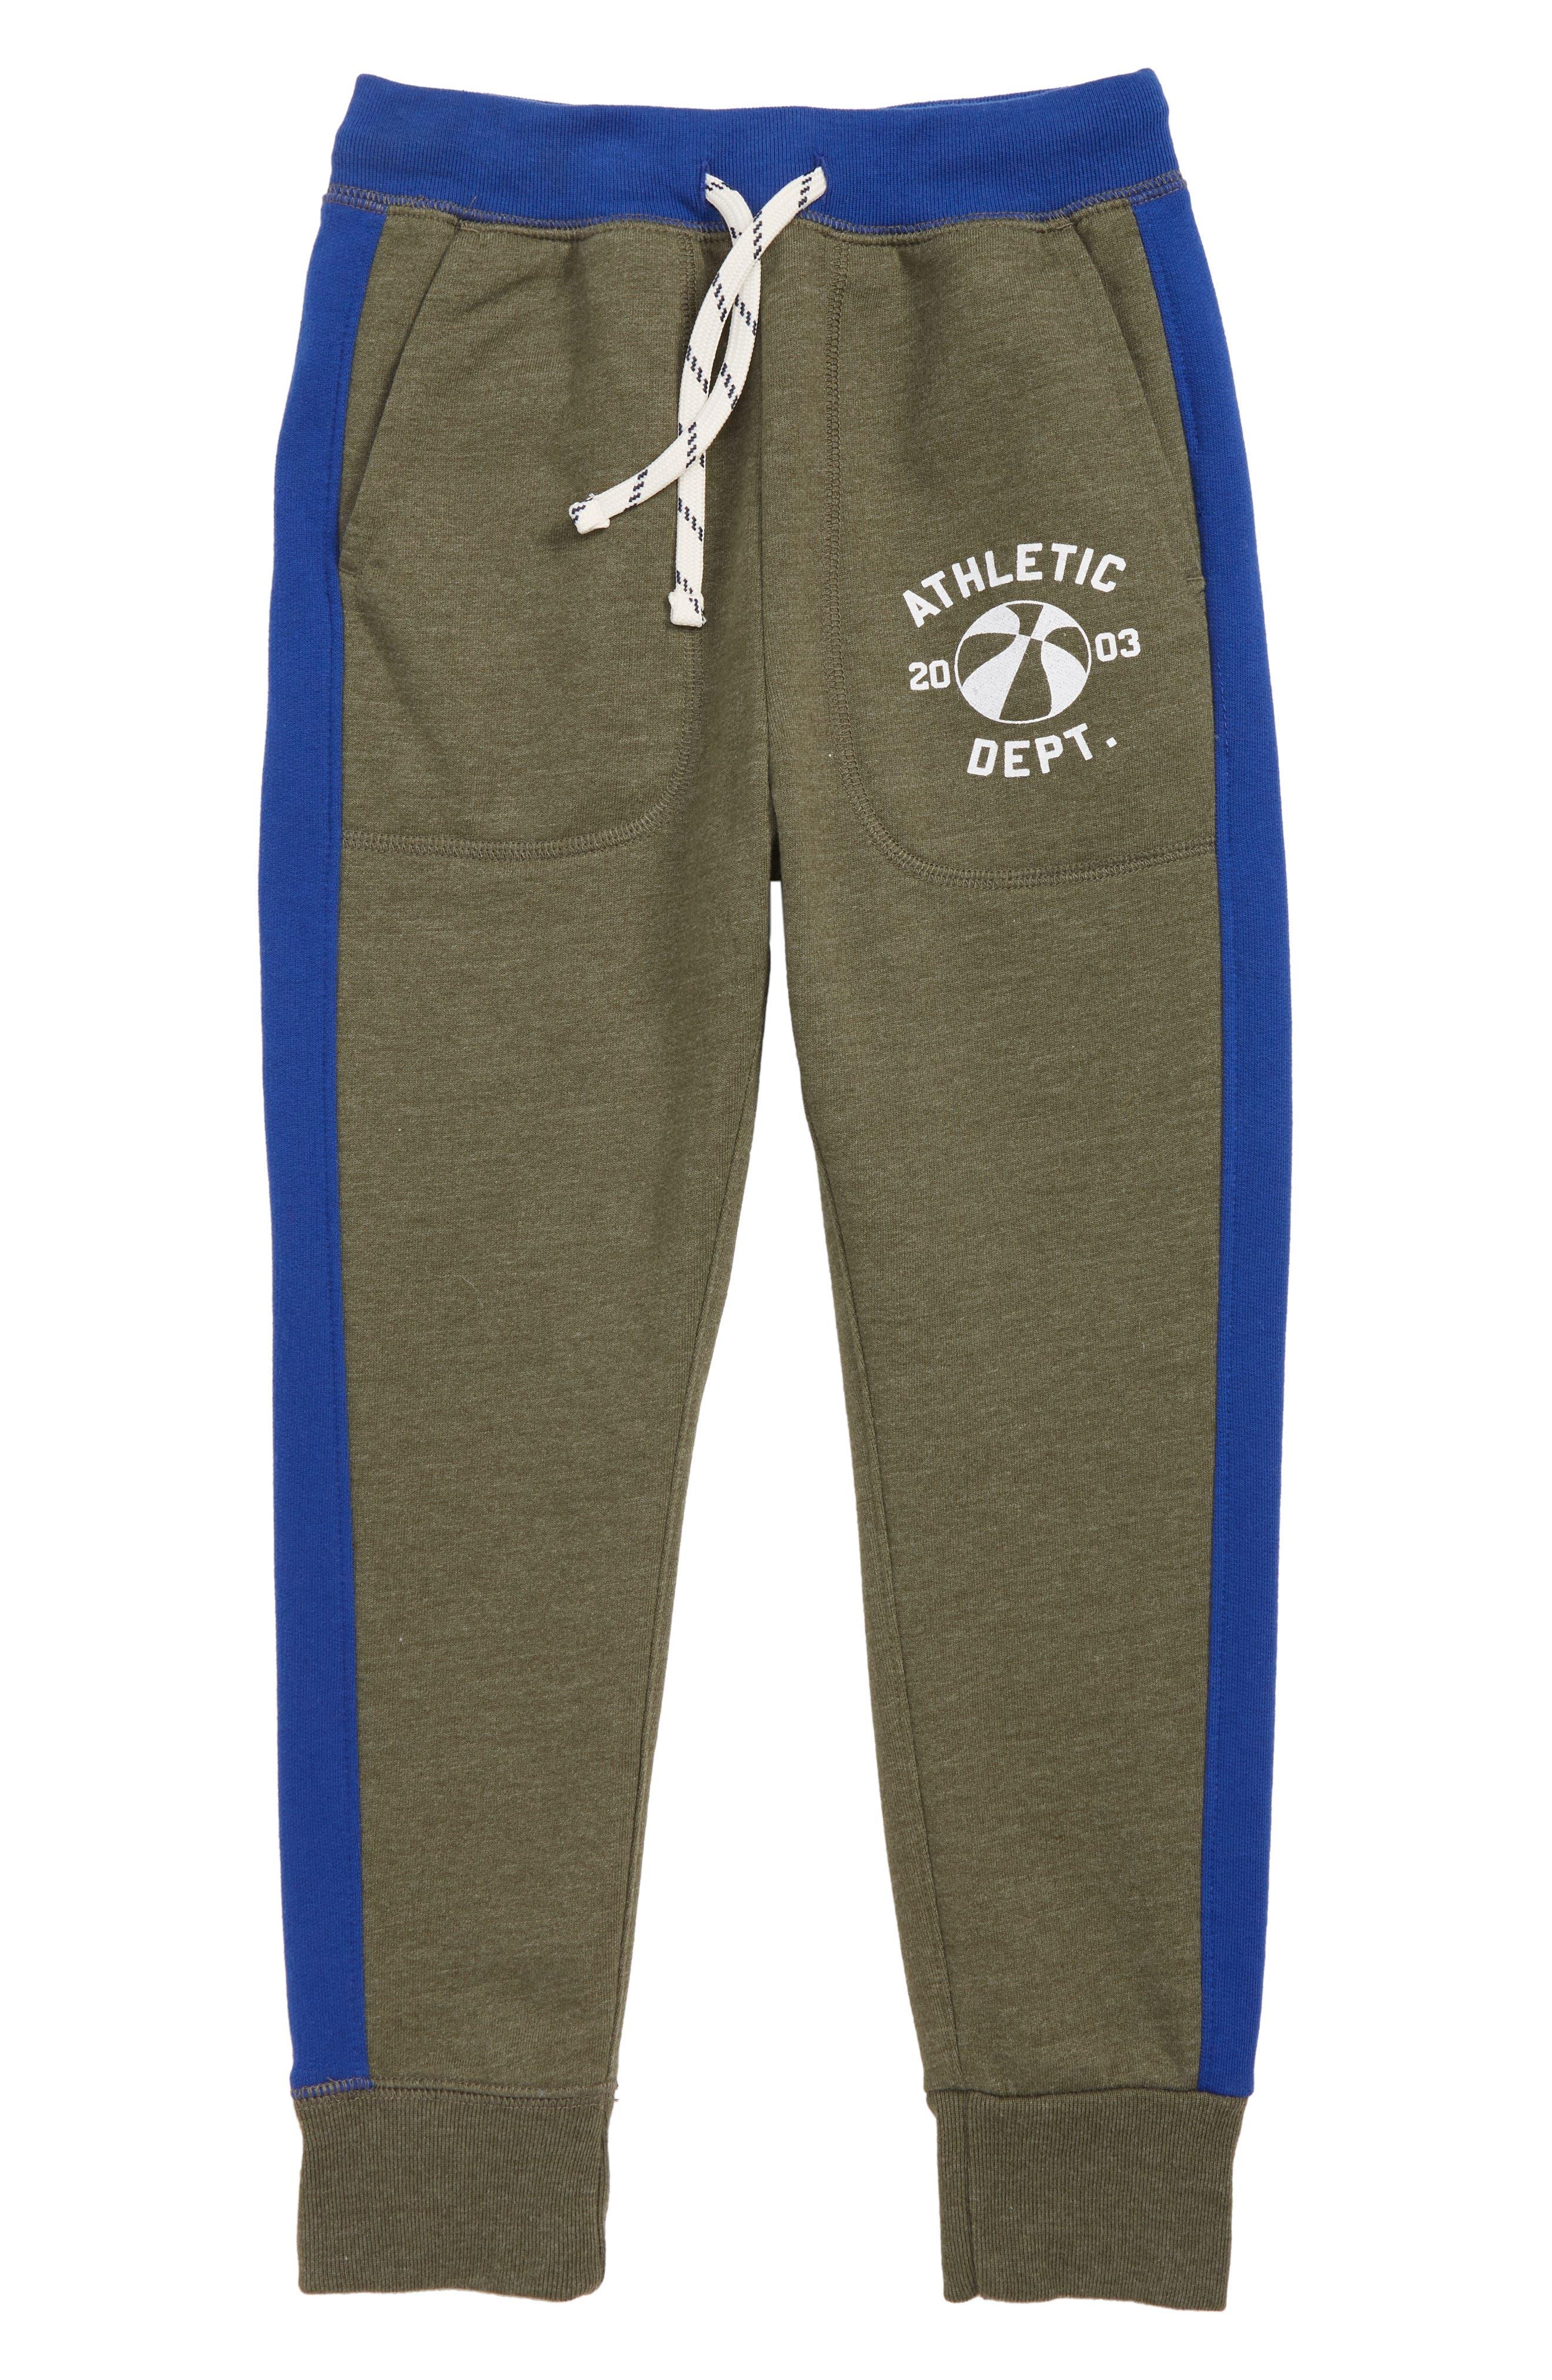 Boys Crewcuts By Jcrew Print Sweatpants Size 16  Green